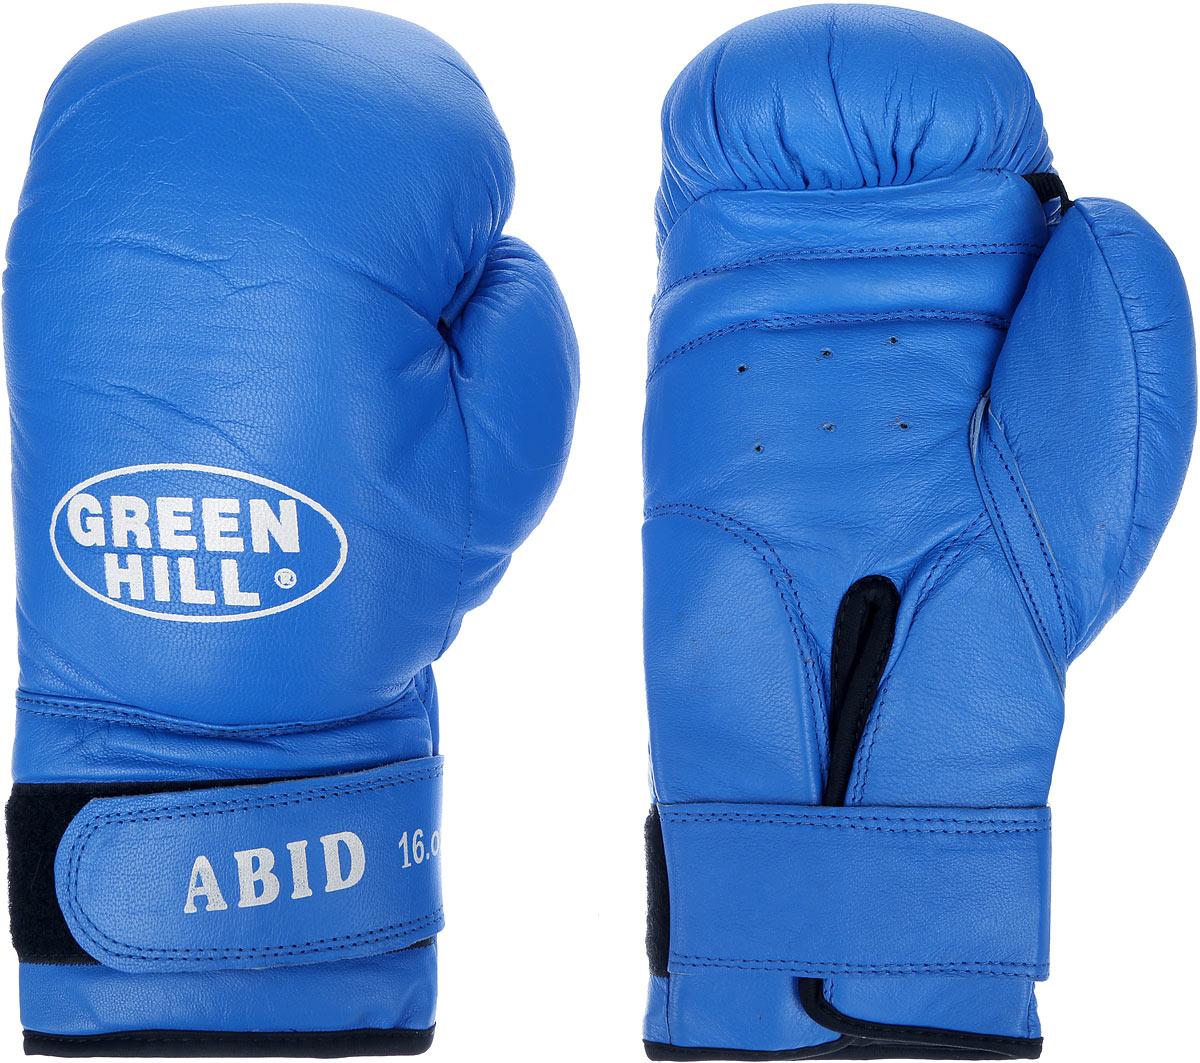 Перчатки боксерские Green Hill Abid, цвет: синий, белый. Вес 16 унцийBGA-2024Боксерские тренировочные перчатки Green Hill Abid выполнены из натуральной кожи. Они отлично подойдут для начинающих спортсменов. Мягкий наполнитель из очеса предотвращает любые травмы. Отверстия в районе ладони обеспечивают вентиляцию. Широкий ремень, охватывая запястье, полностью оборачивается вокруг манжеты, благодаря чему создается дополнительная защита лучезапястного сустава от травмирования. Застежка на липучке способствует быстрому и удобному надеванию перчаток, плотно фиксирует перчатки на руке.